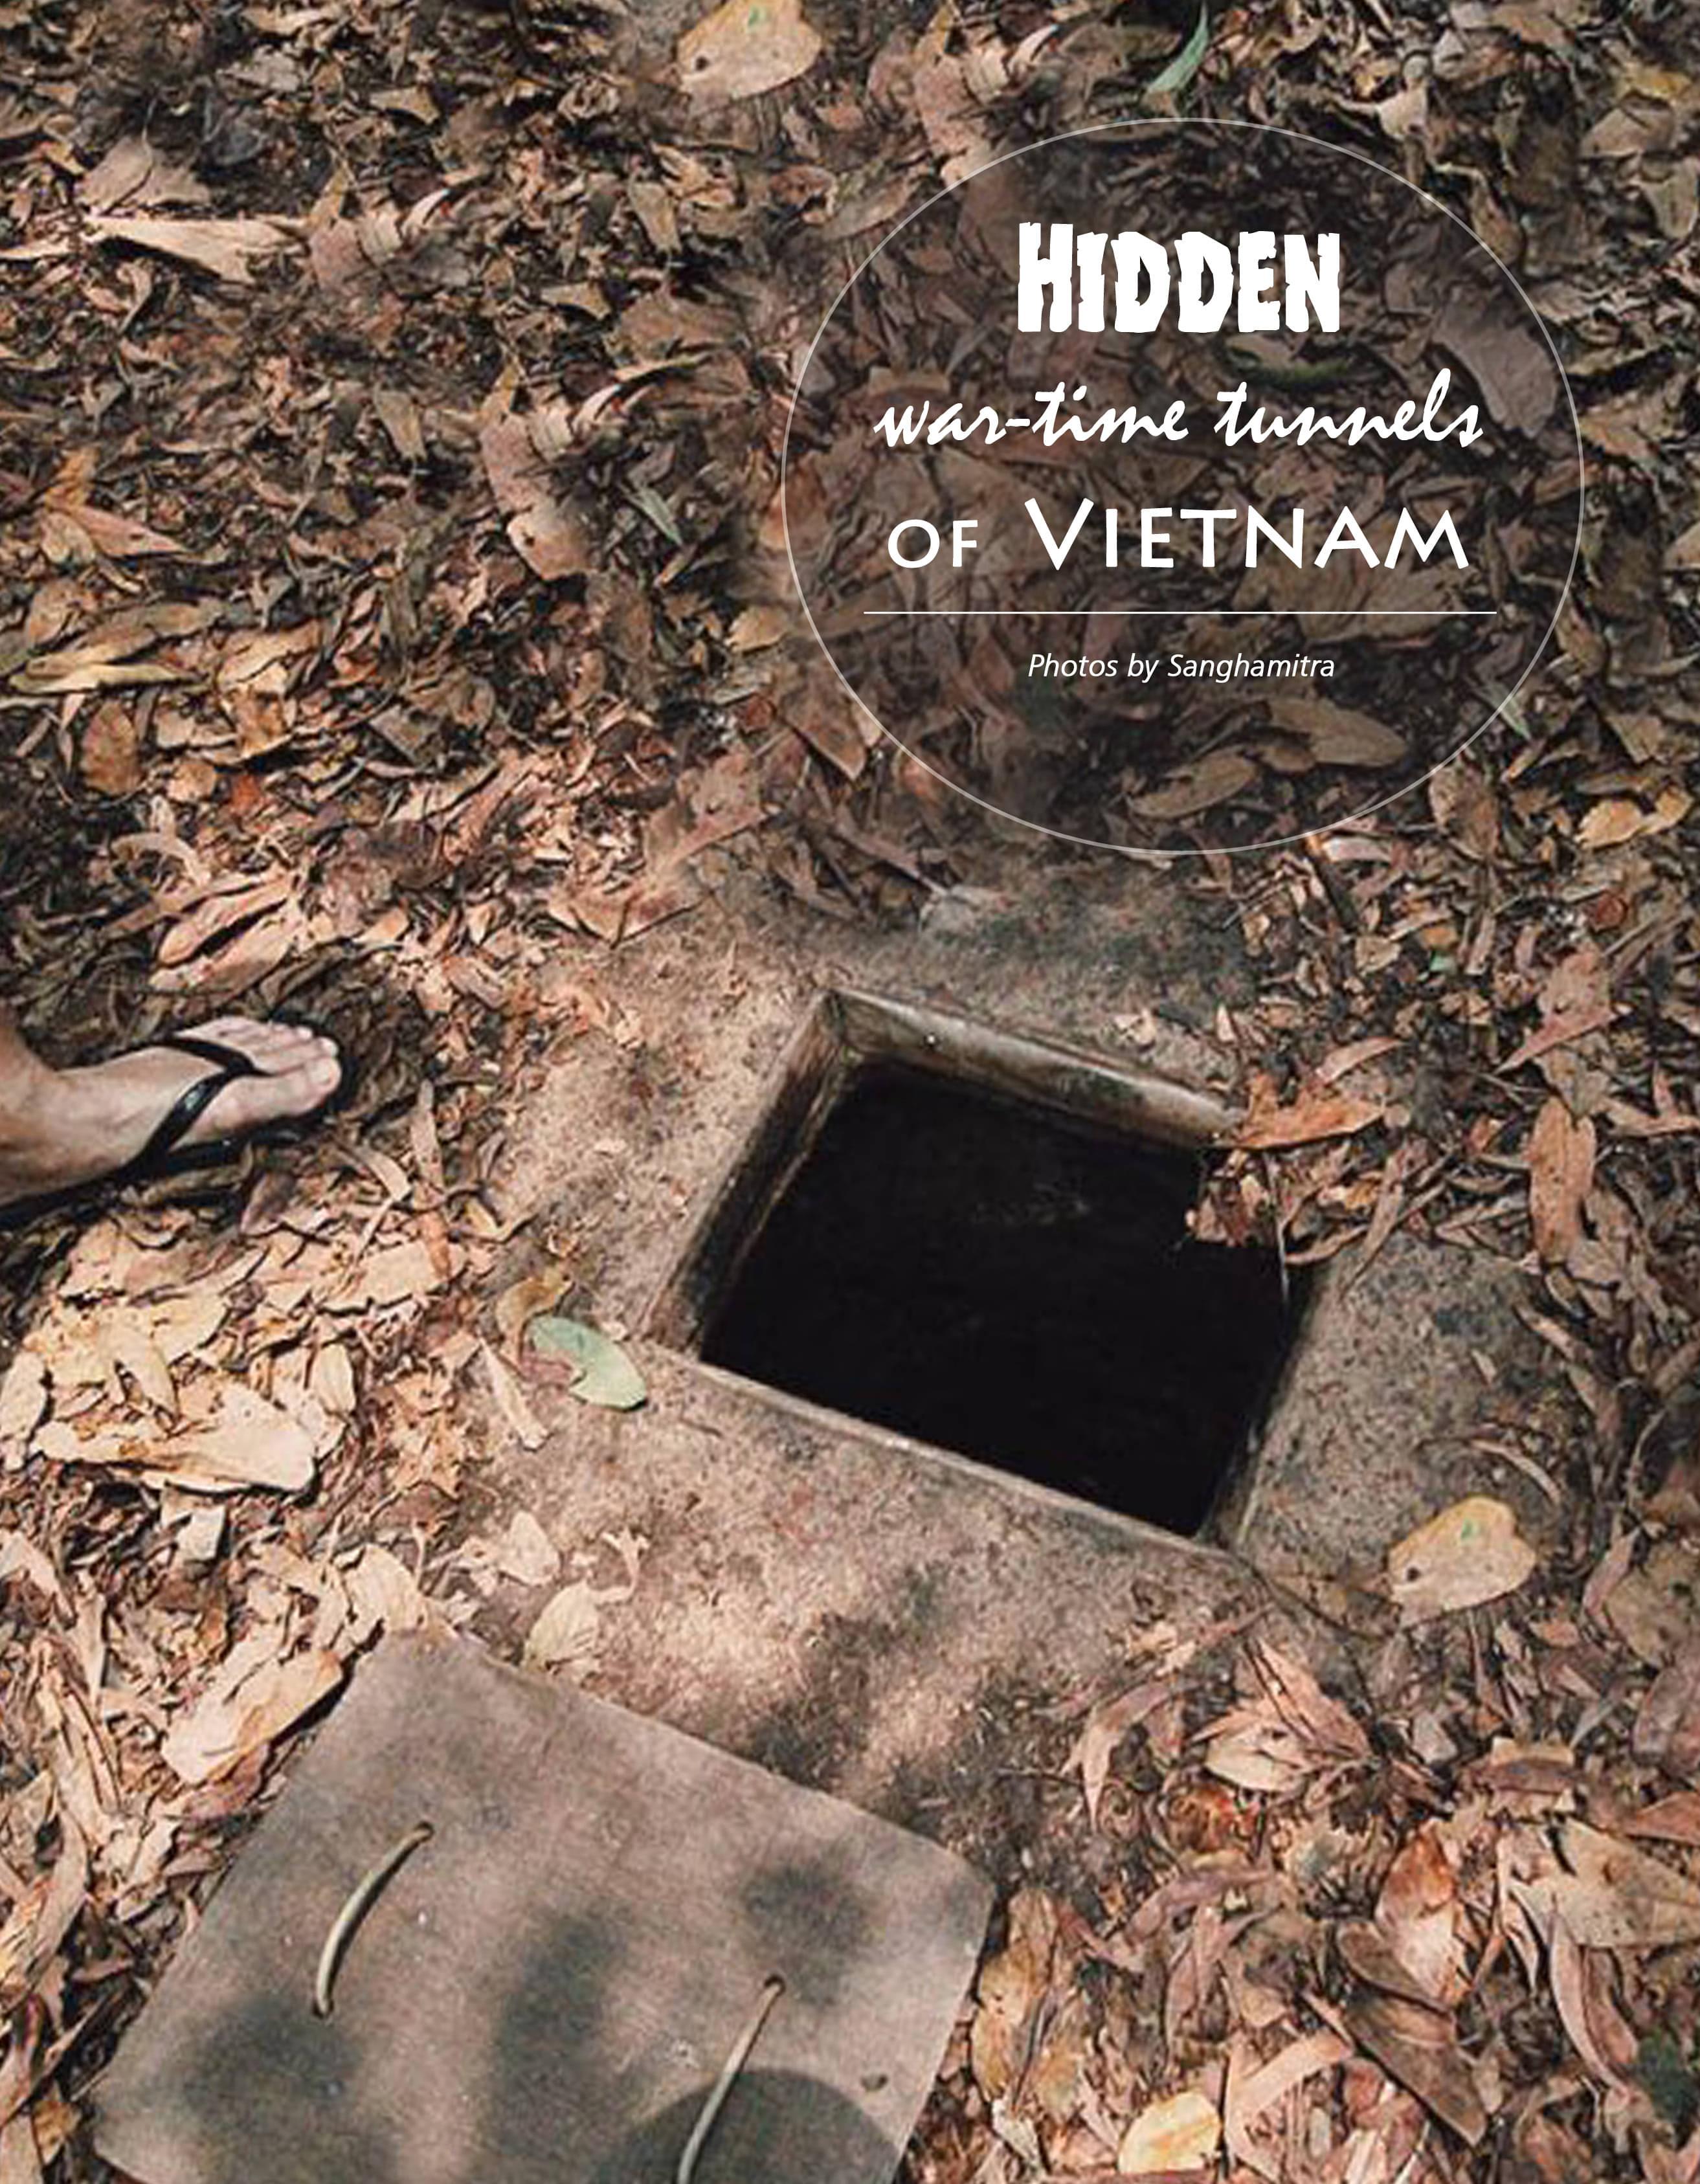 HIDDEN war-time tunnels OF VIETNAM